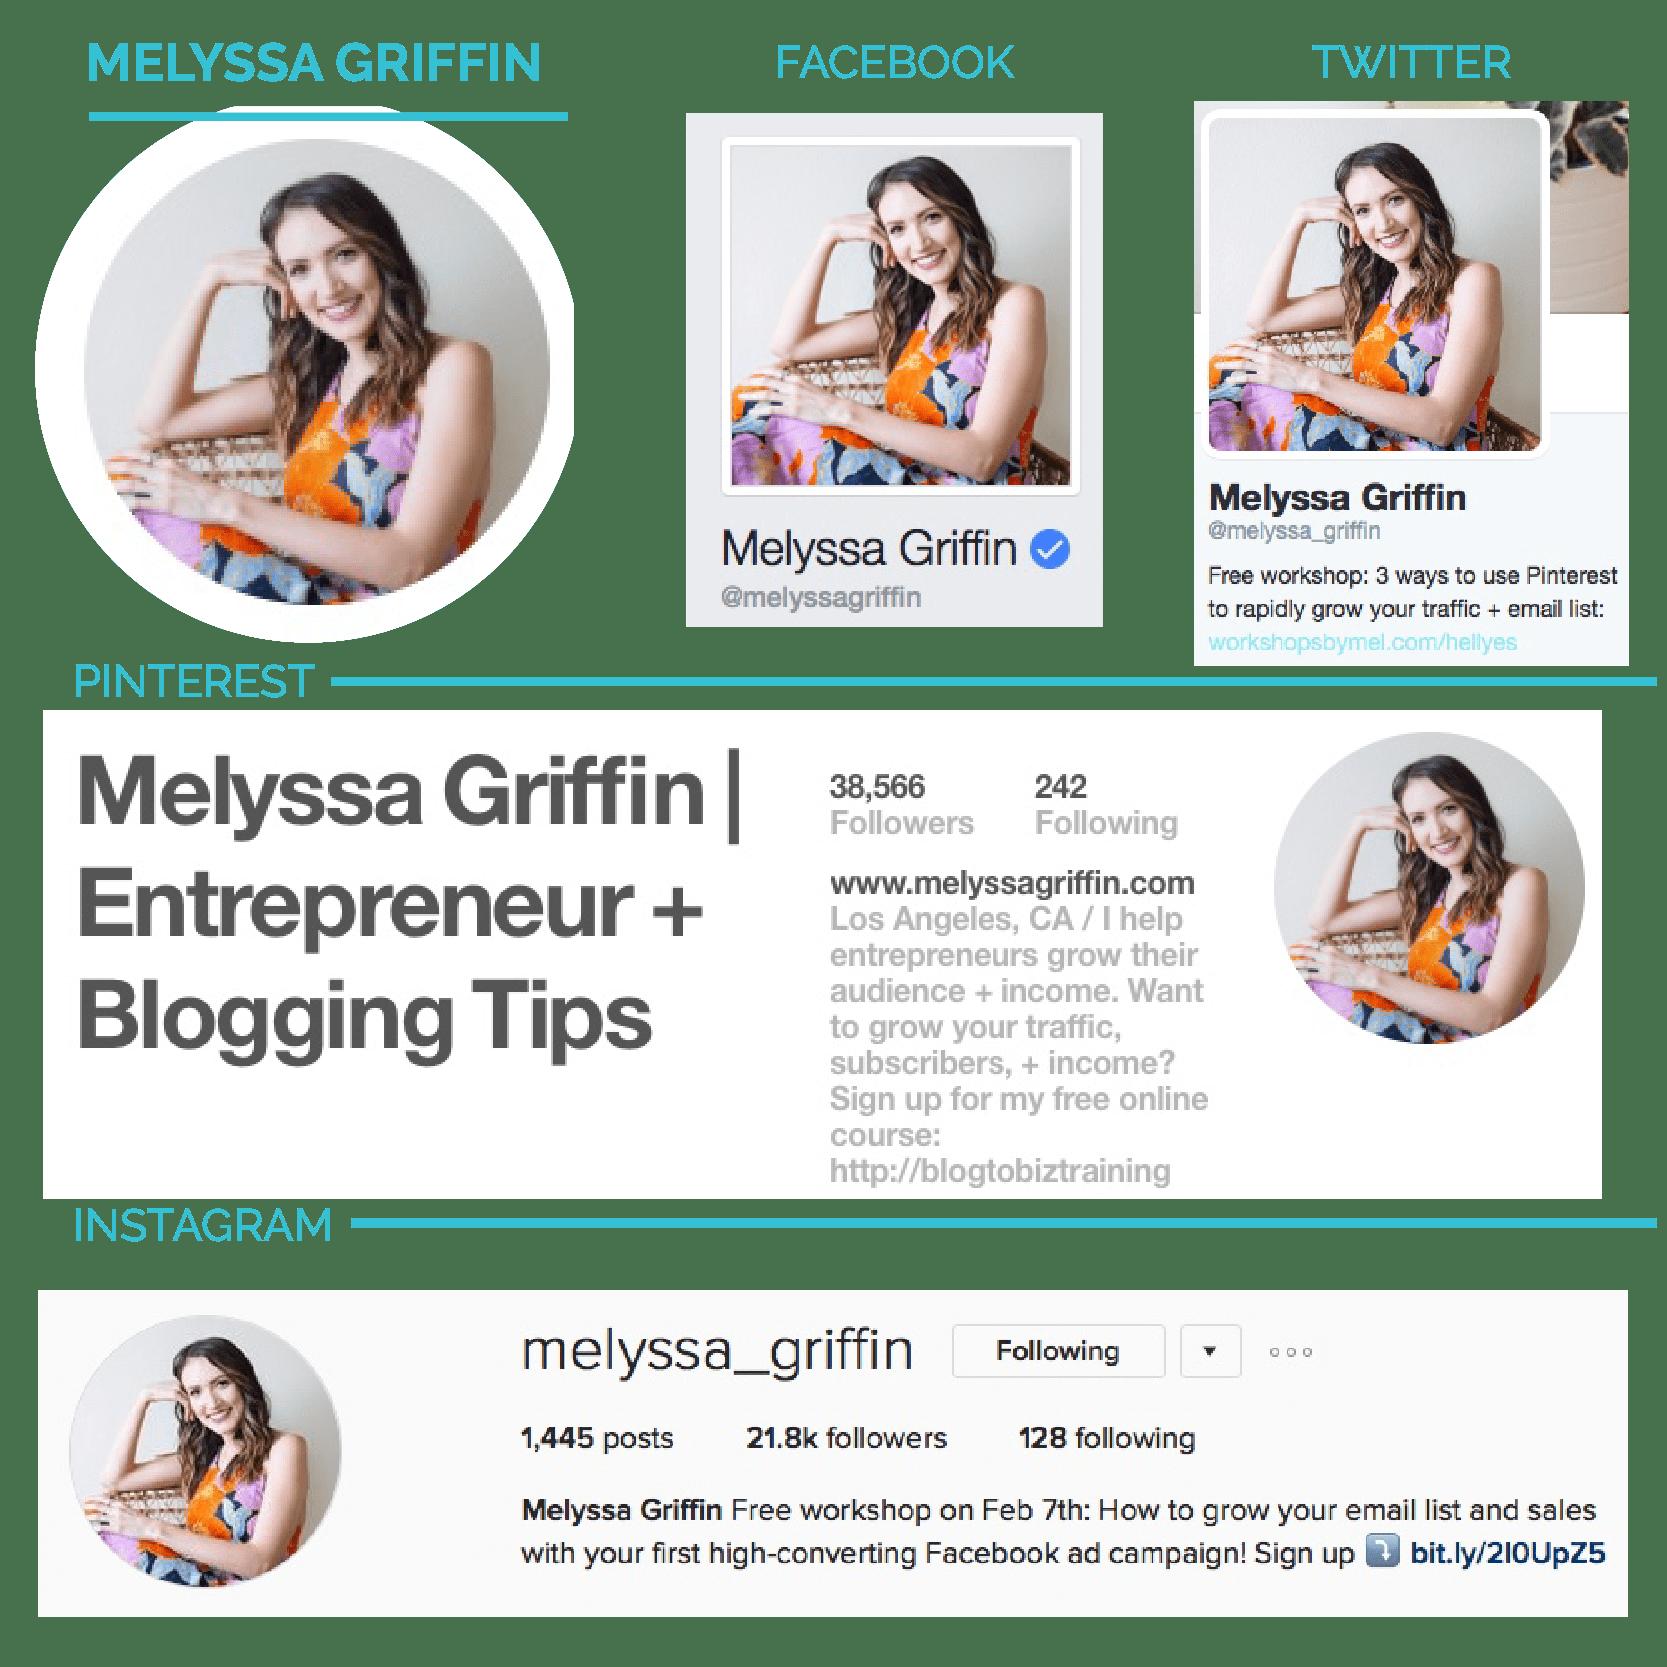 Social Media Brand Branding Strategy - Melyssa Griffin